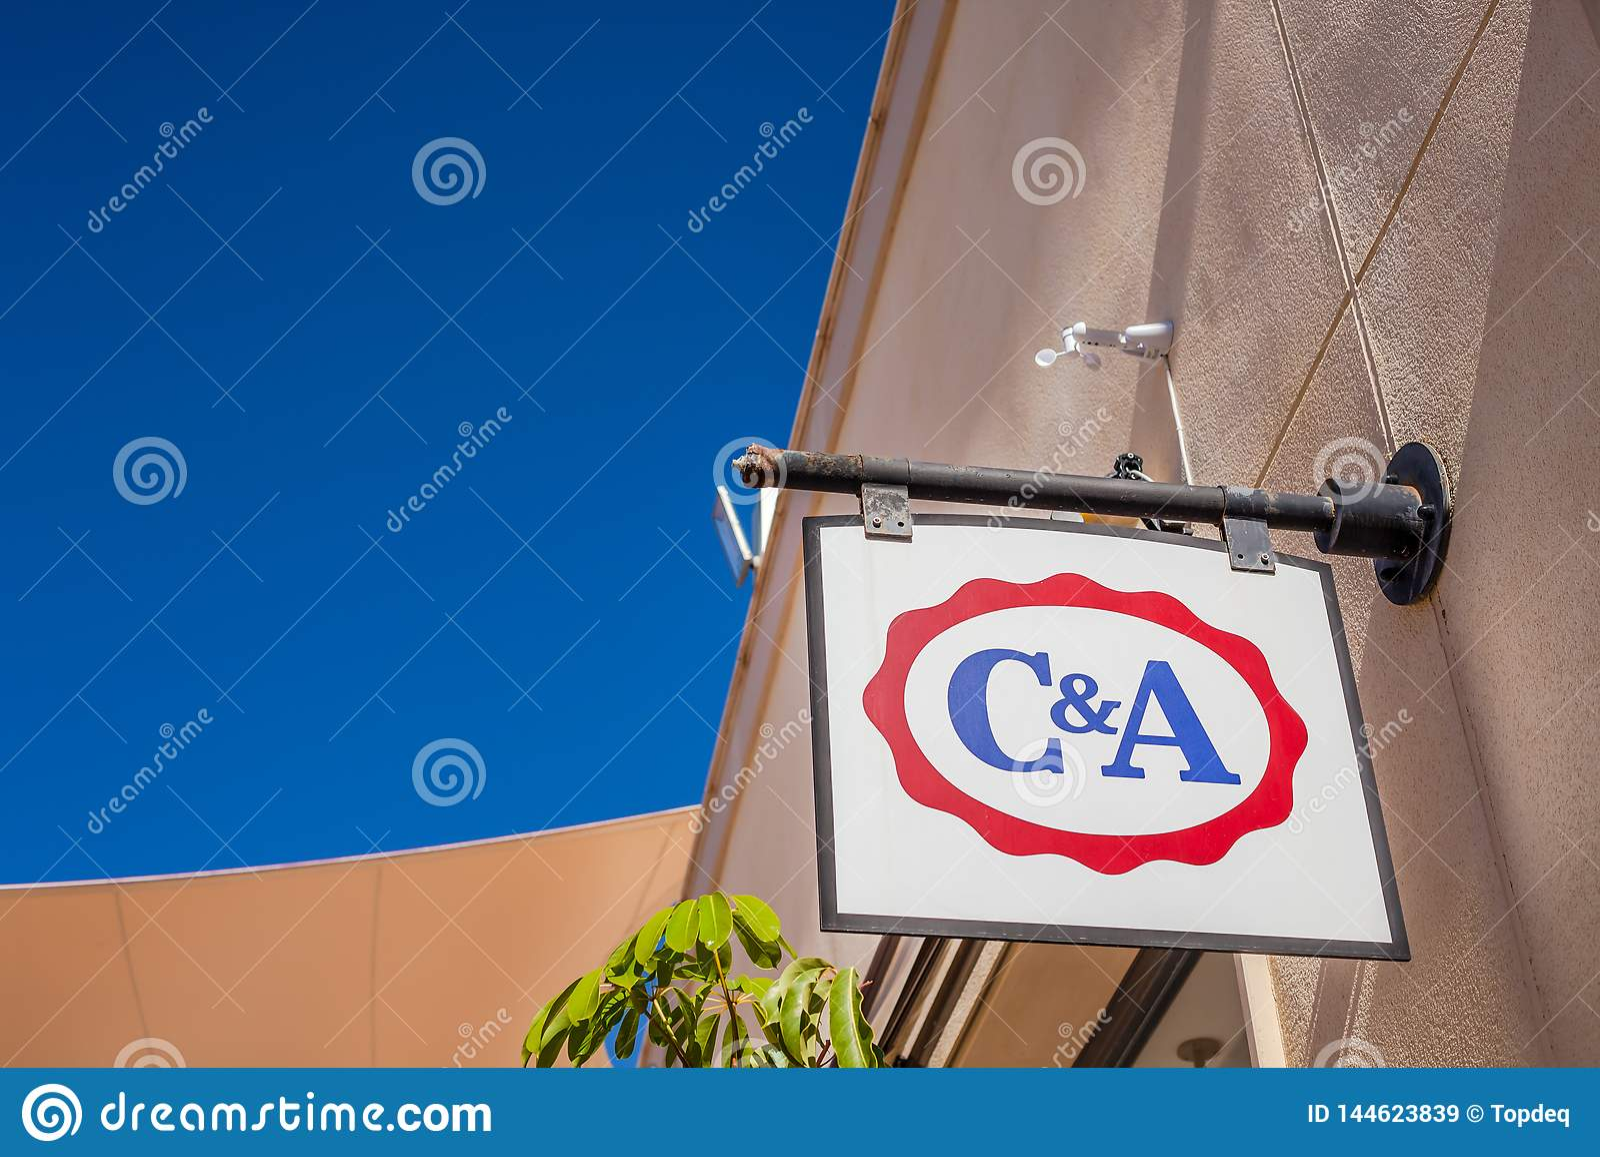 Logotipo De La Marca De Tienda De C A En Su Edificio Imagen De Archivo Editorial Imagen De Edificio Marca 144623839